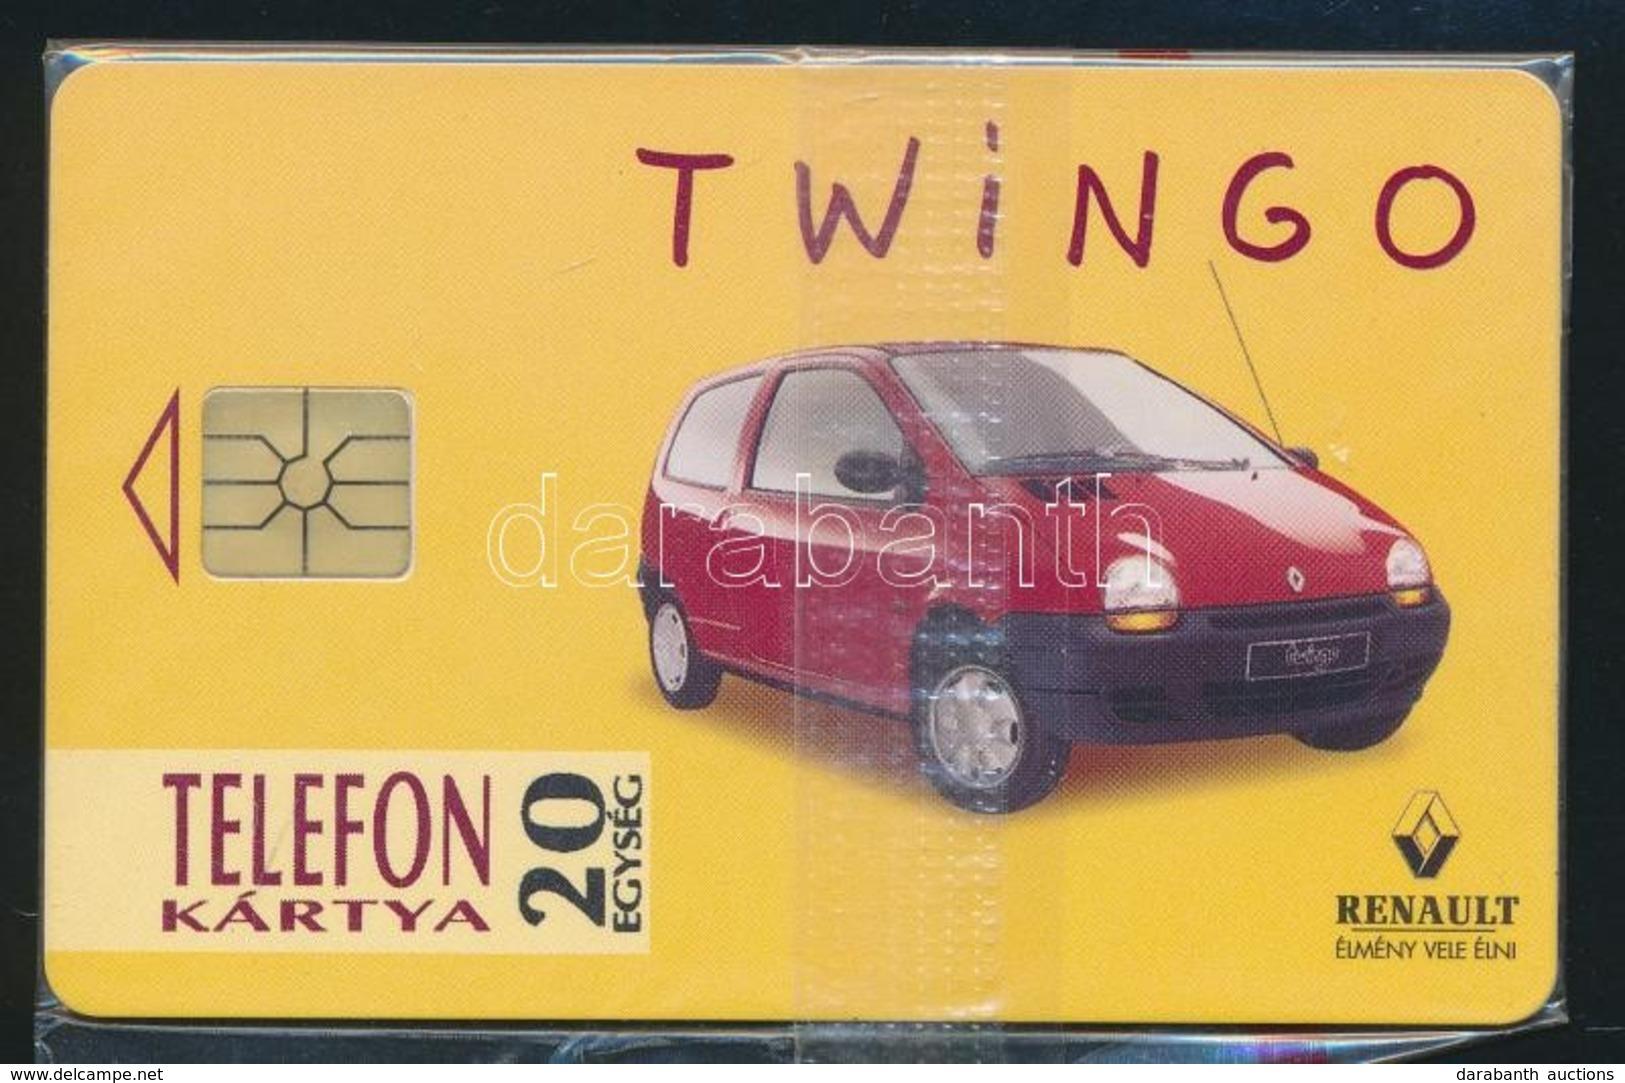 1994 Renault Twingo. Használatlan Telefonkártya, Bontatlan Csomagolásban - Phonecards